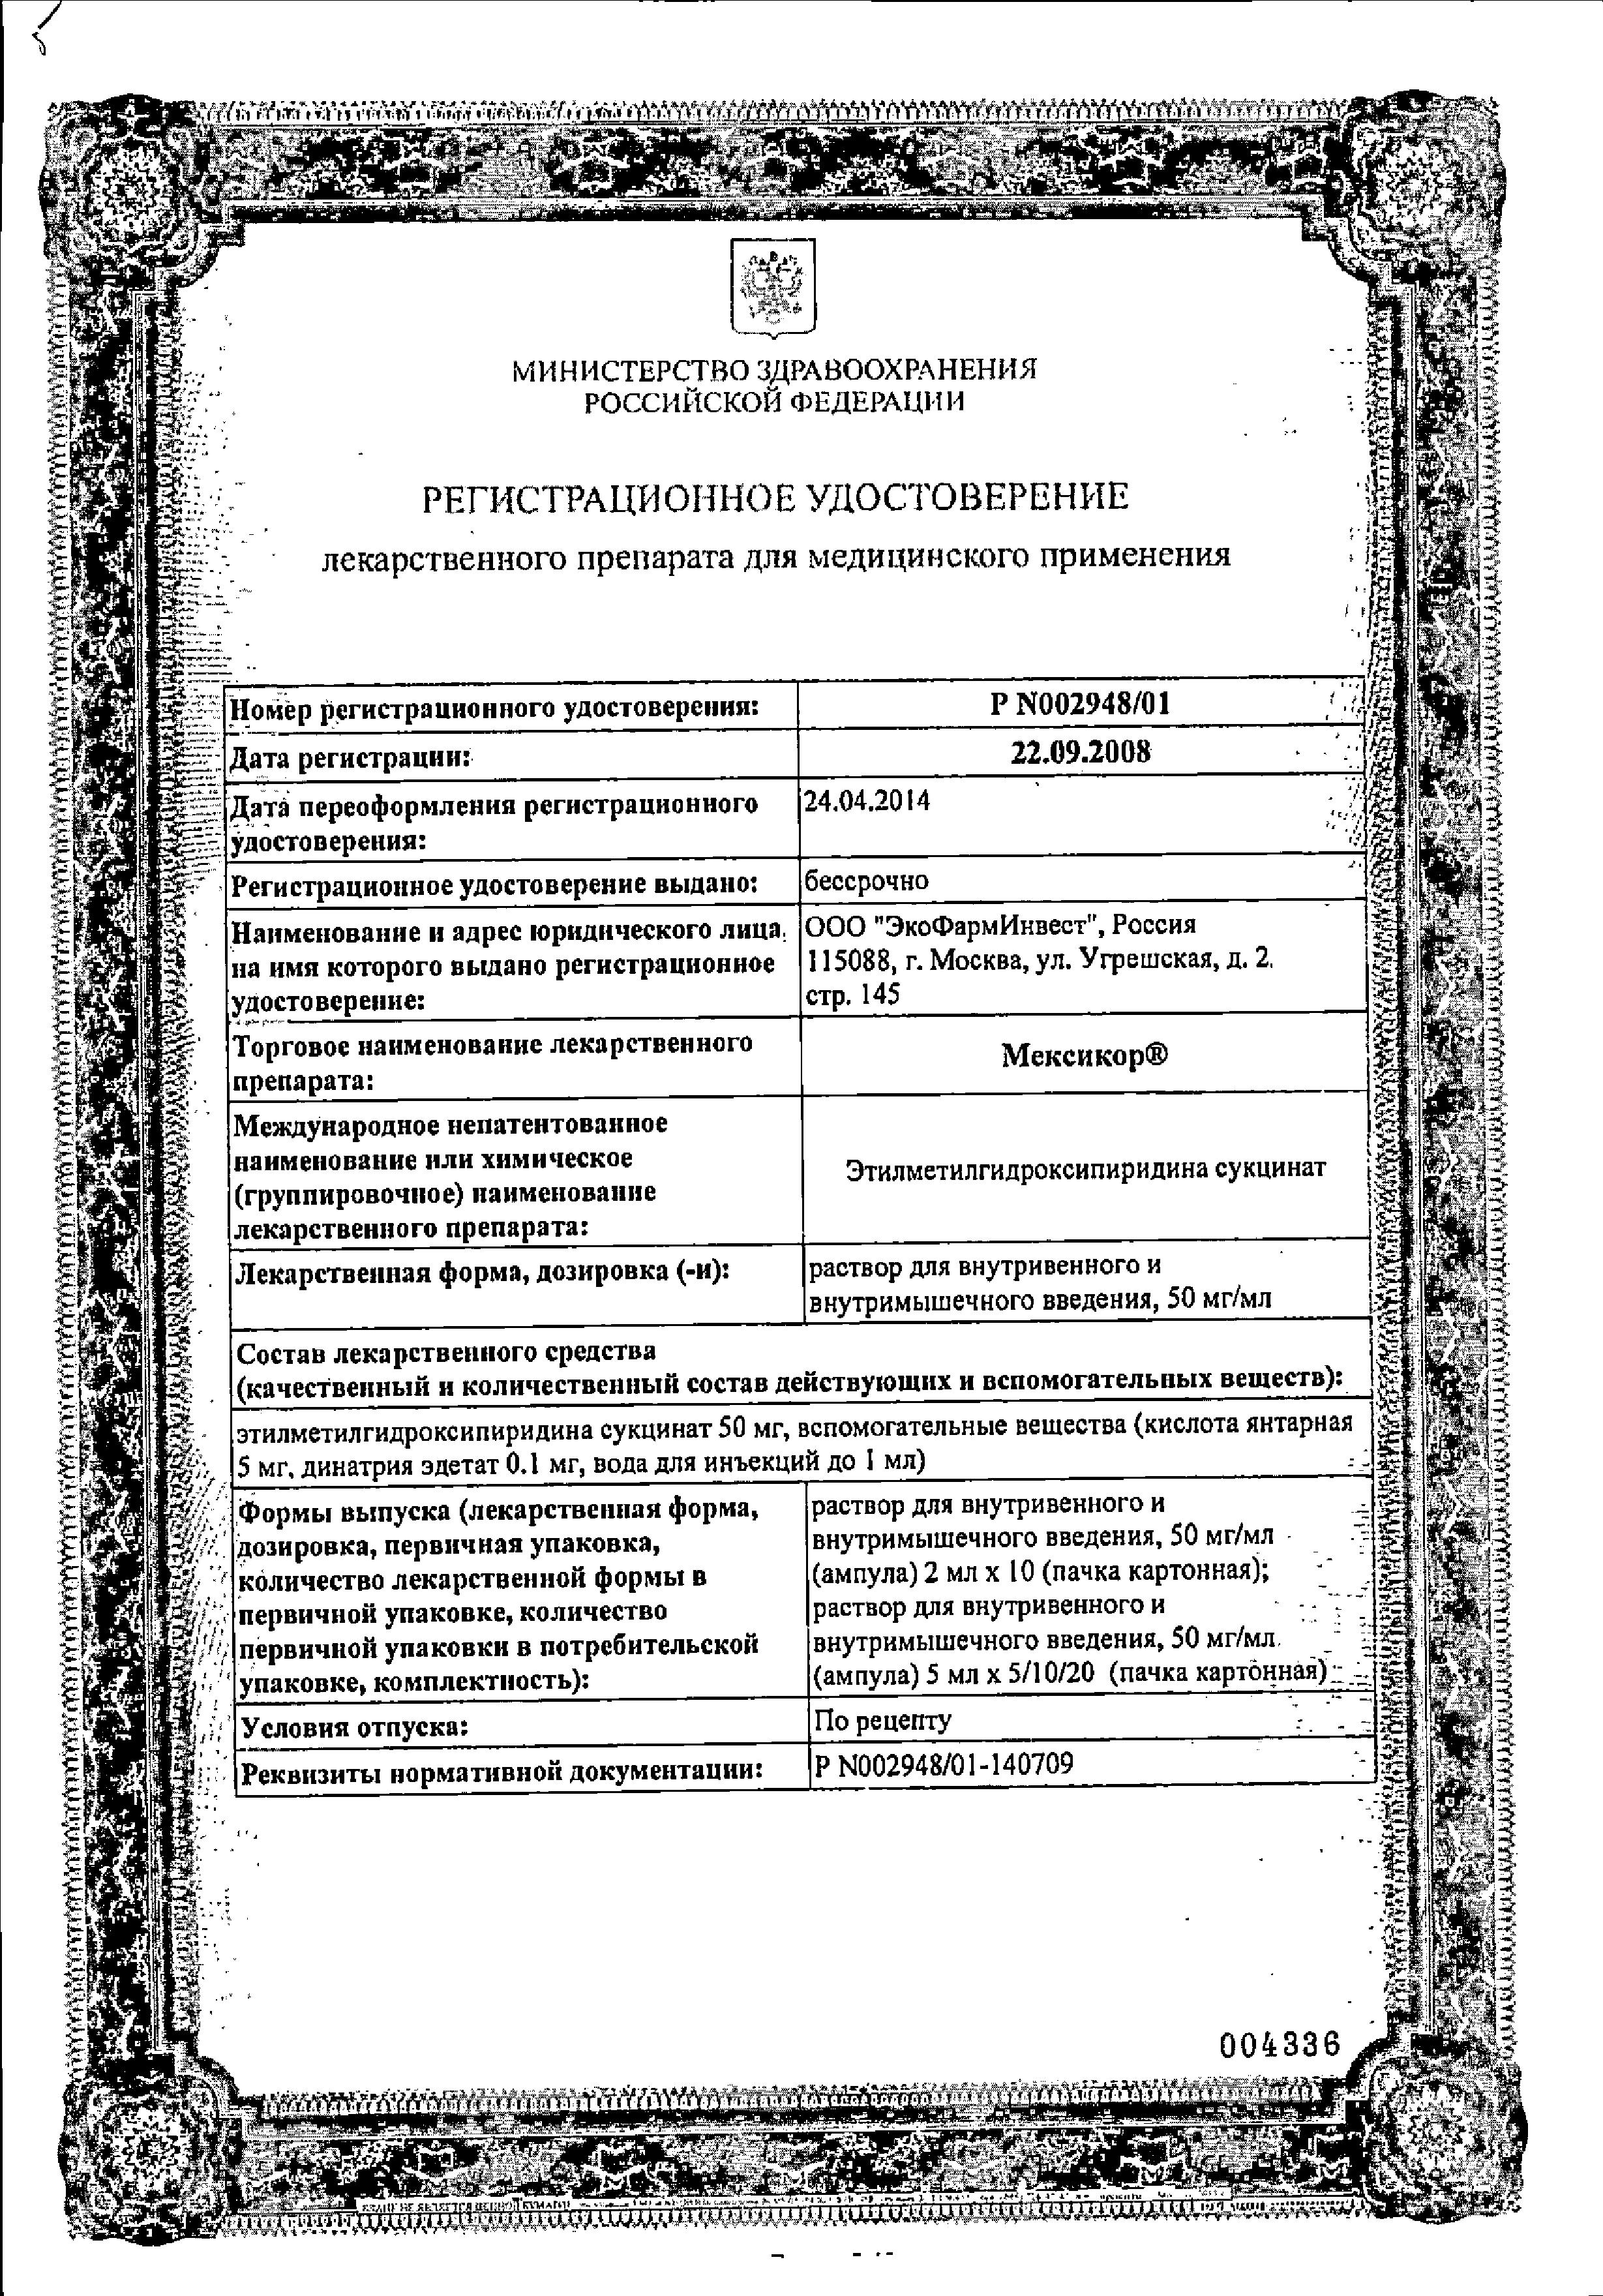 Мексикор сертификат